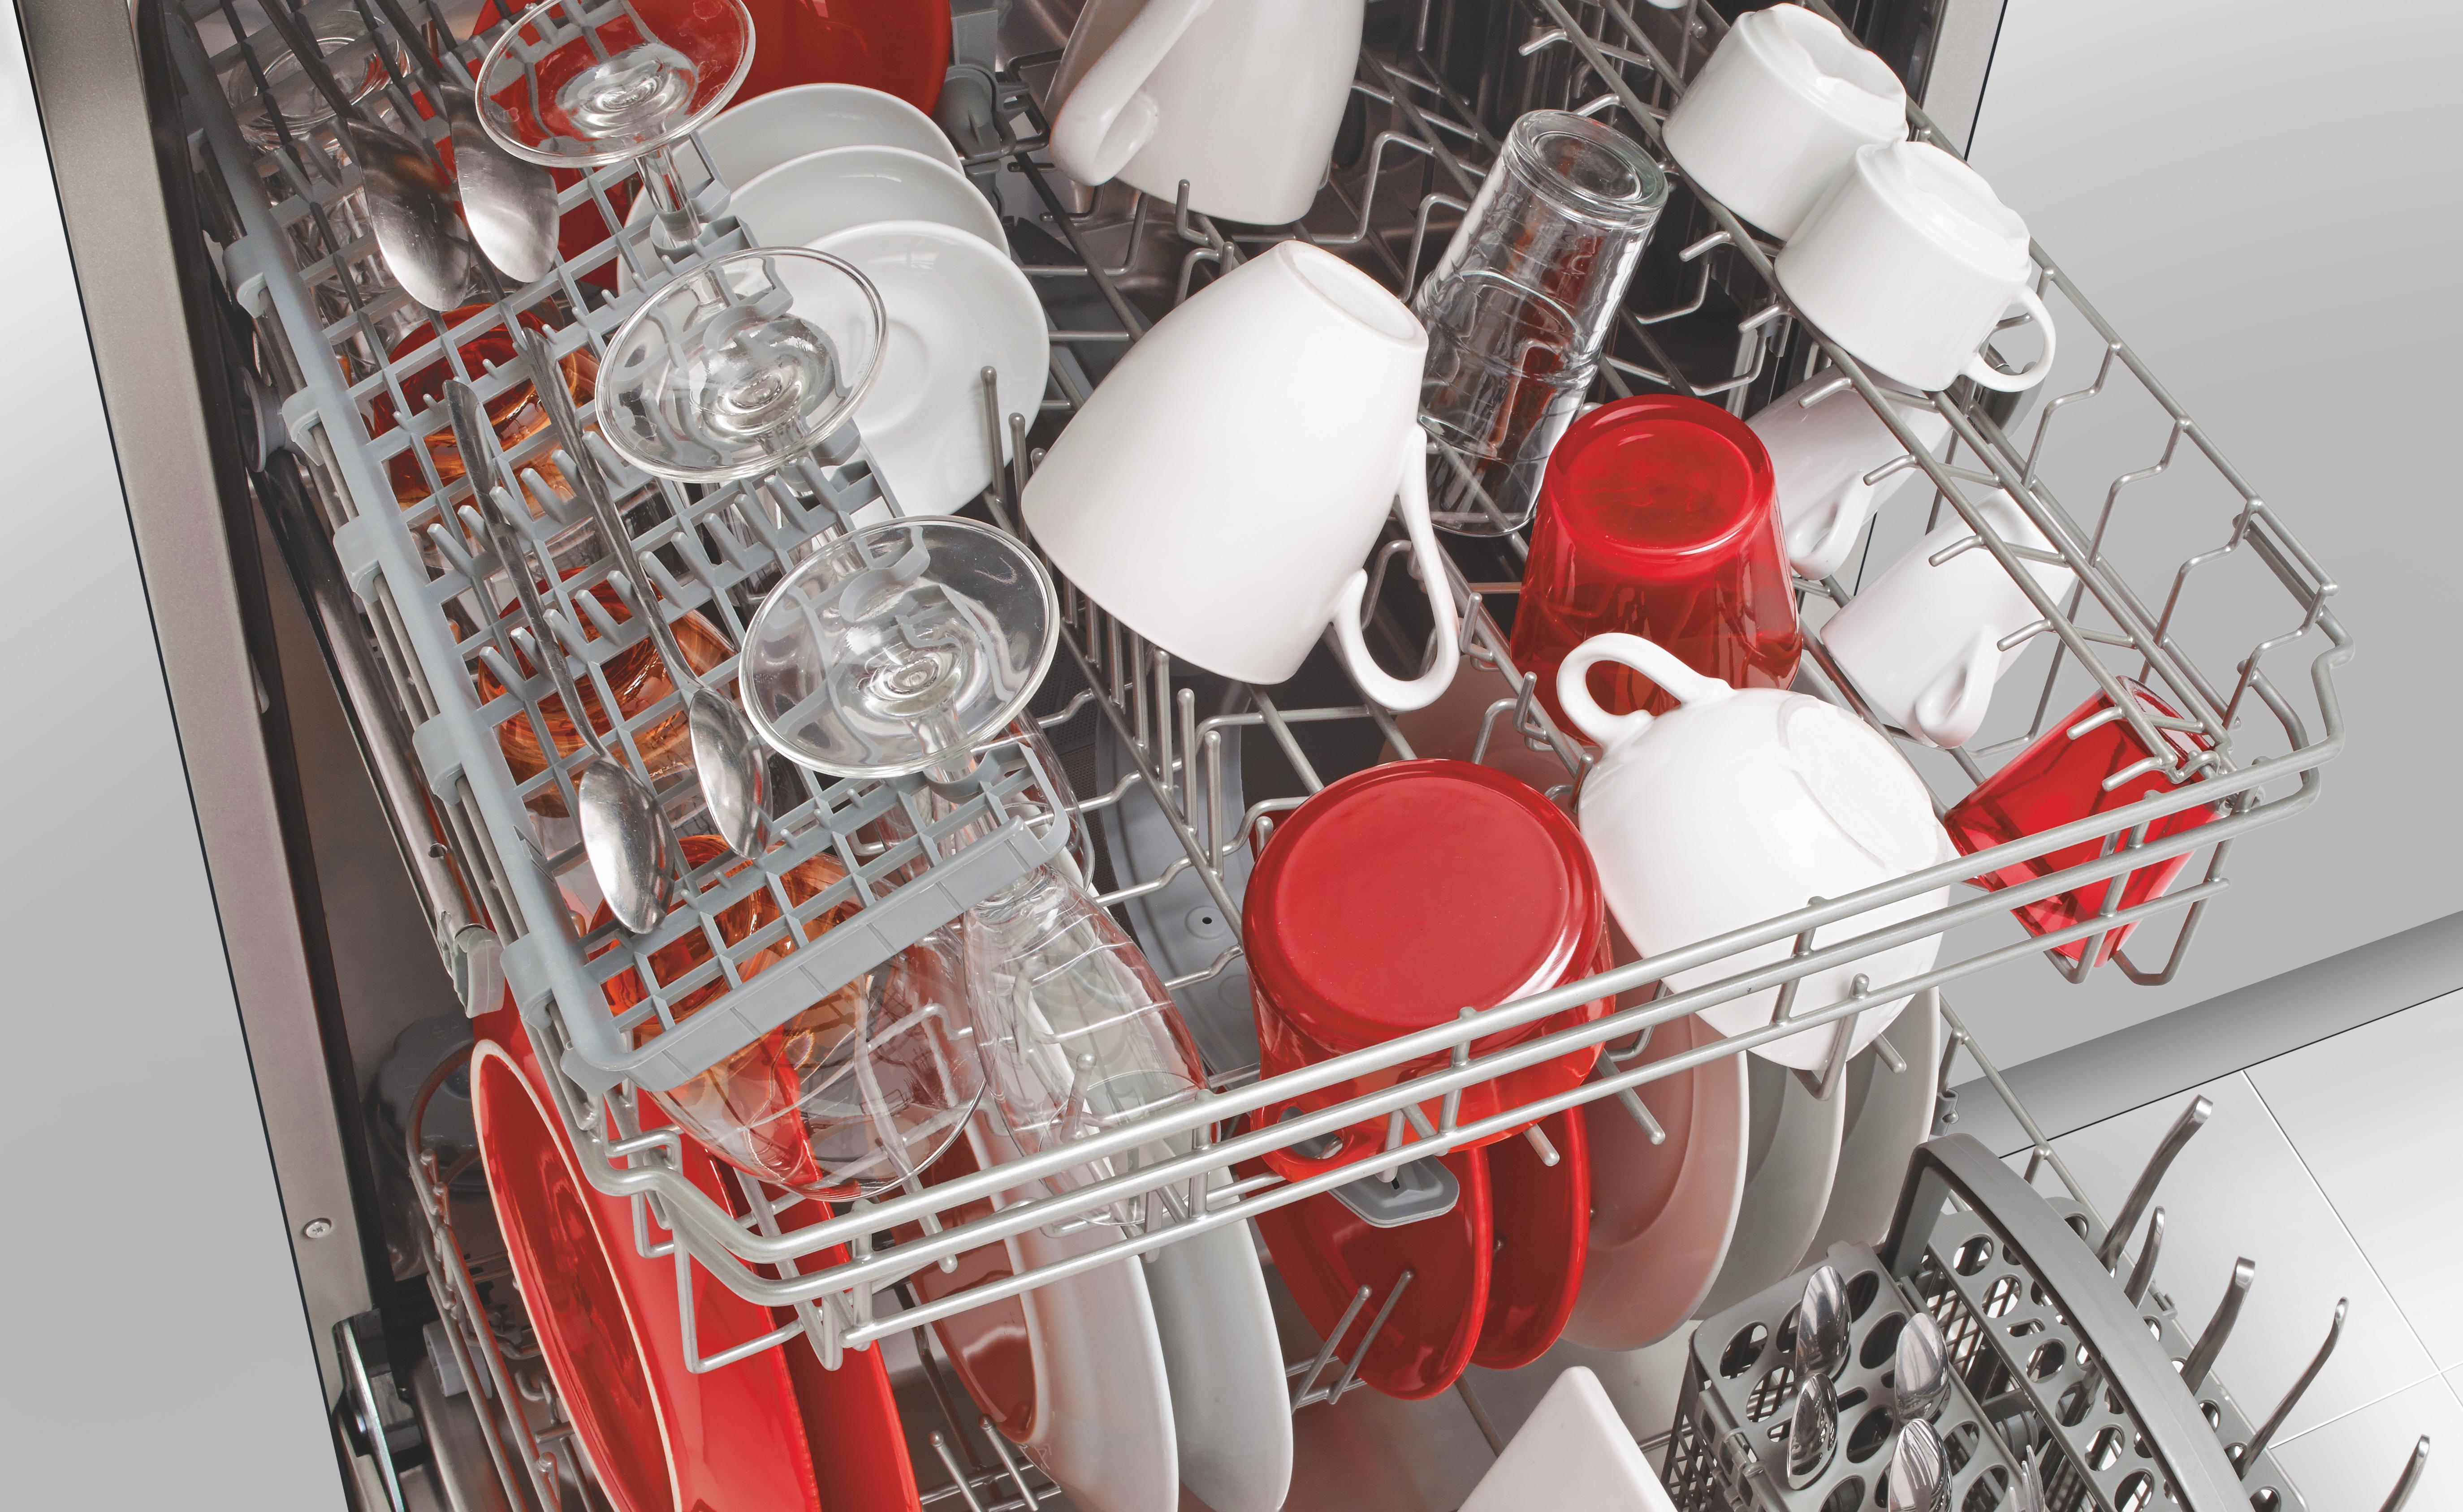 37b29c40d046 WikiBrandt: ¿Utilizar el lavavajillas o lavar a mano ...